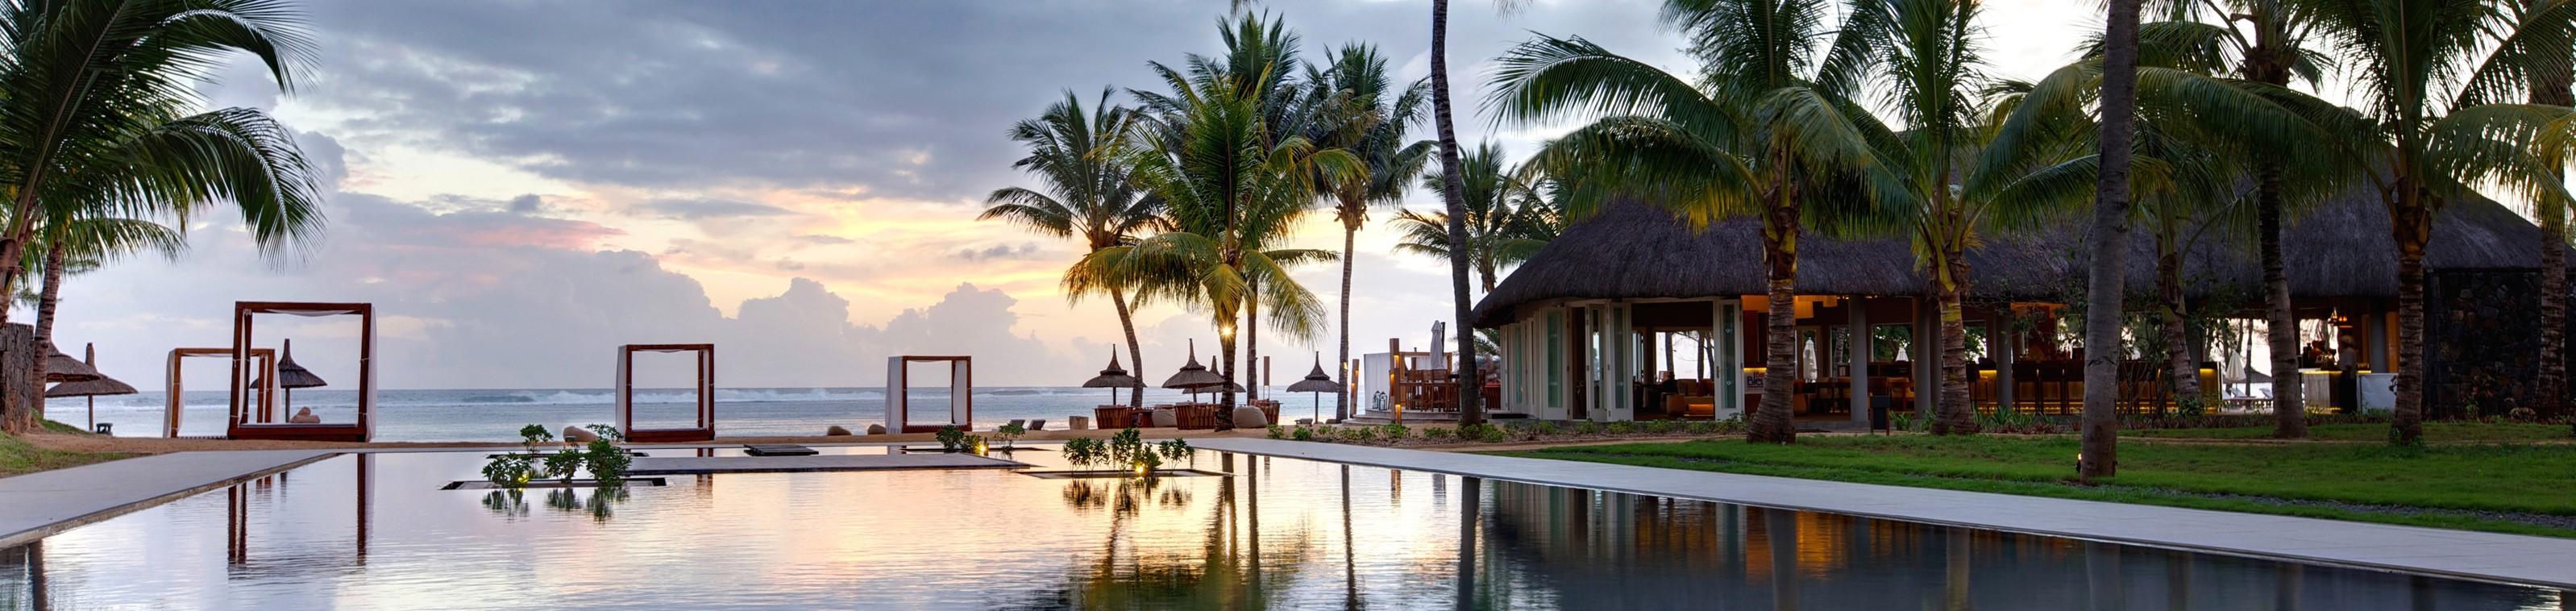 5* Outrigger Mauritius Beach Resort